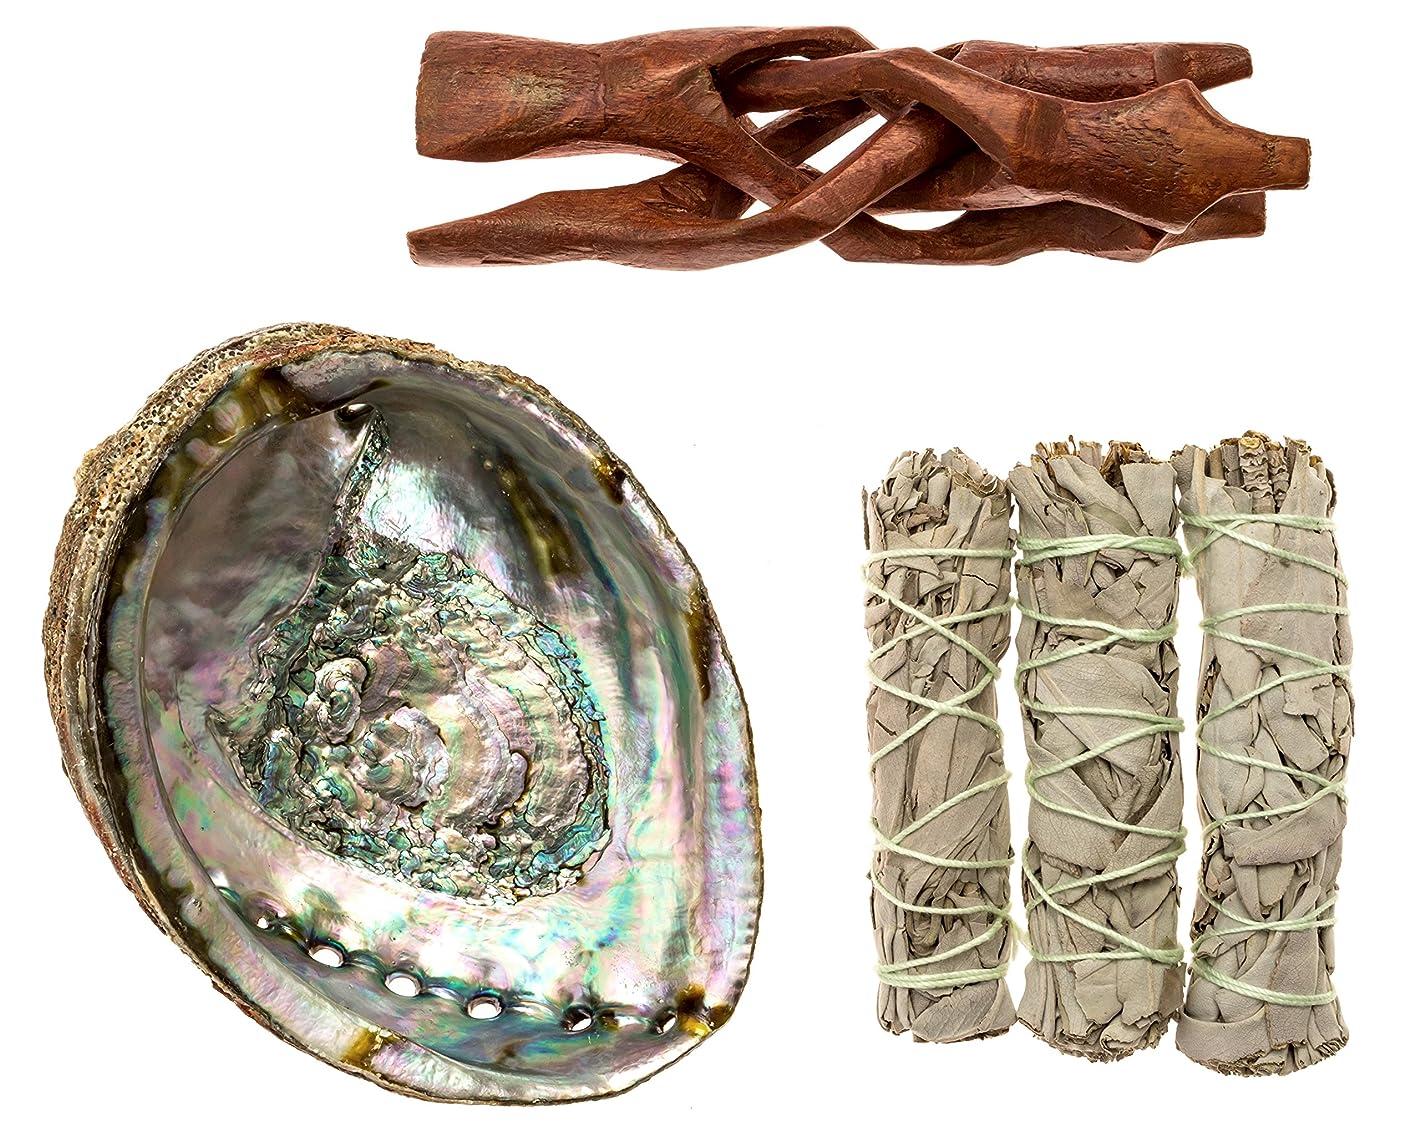 Premium Abalone Shell with木製三脚スタンドと3カリフォルニアホワイトセージスマッジSticks for Incense燃焼、Home Fragrance、エネルギーClearing、ヨガ、瞑想。Alternative想像力ブランド。 5.5